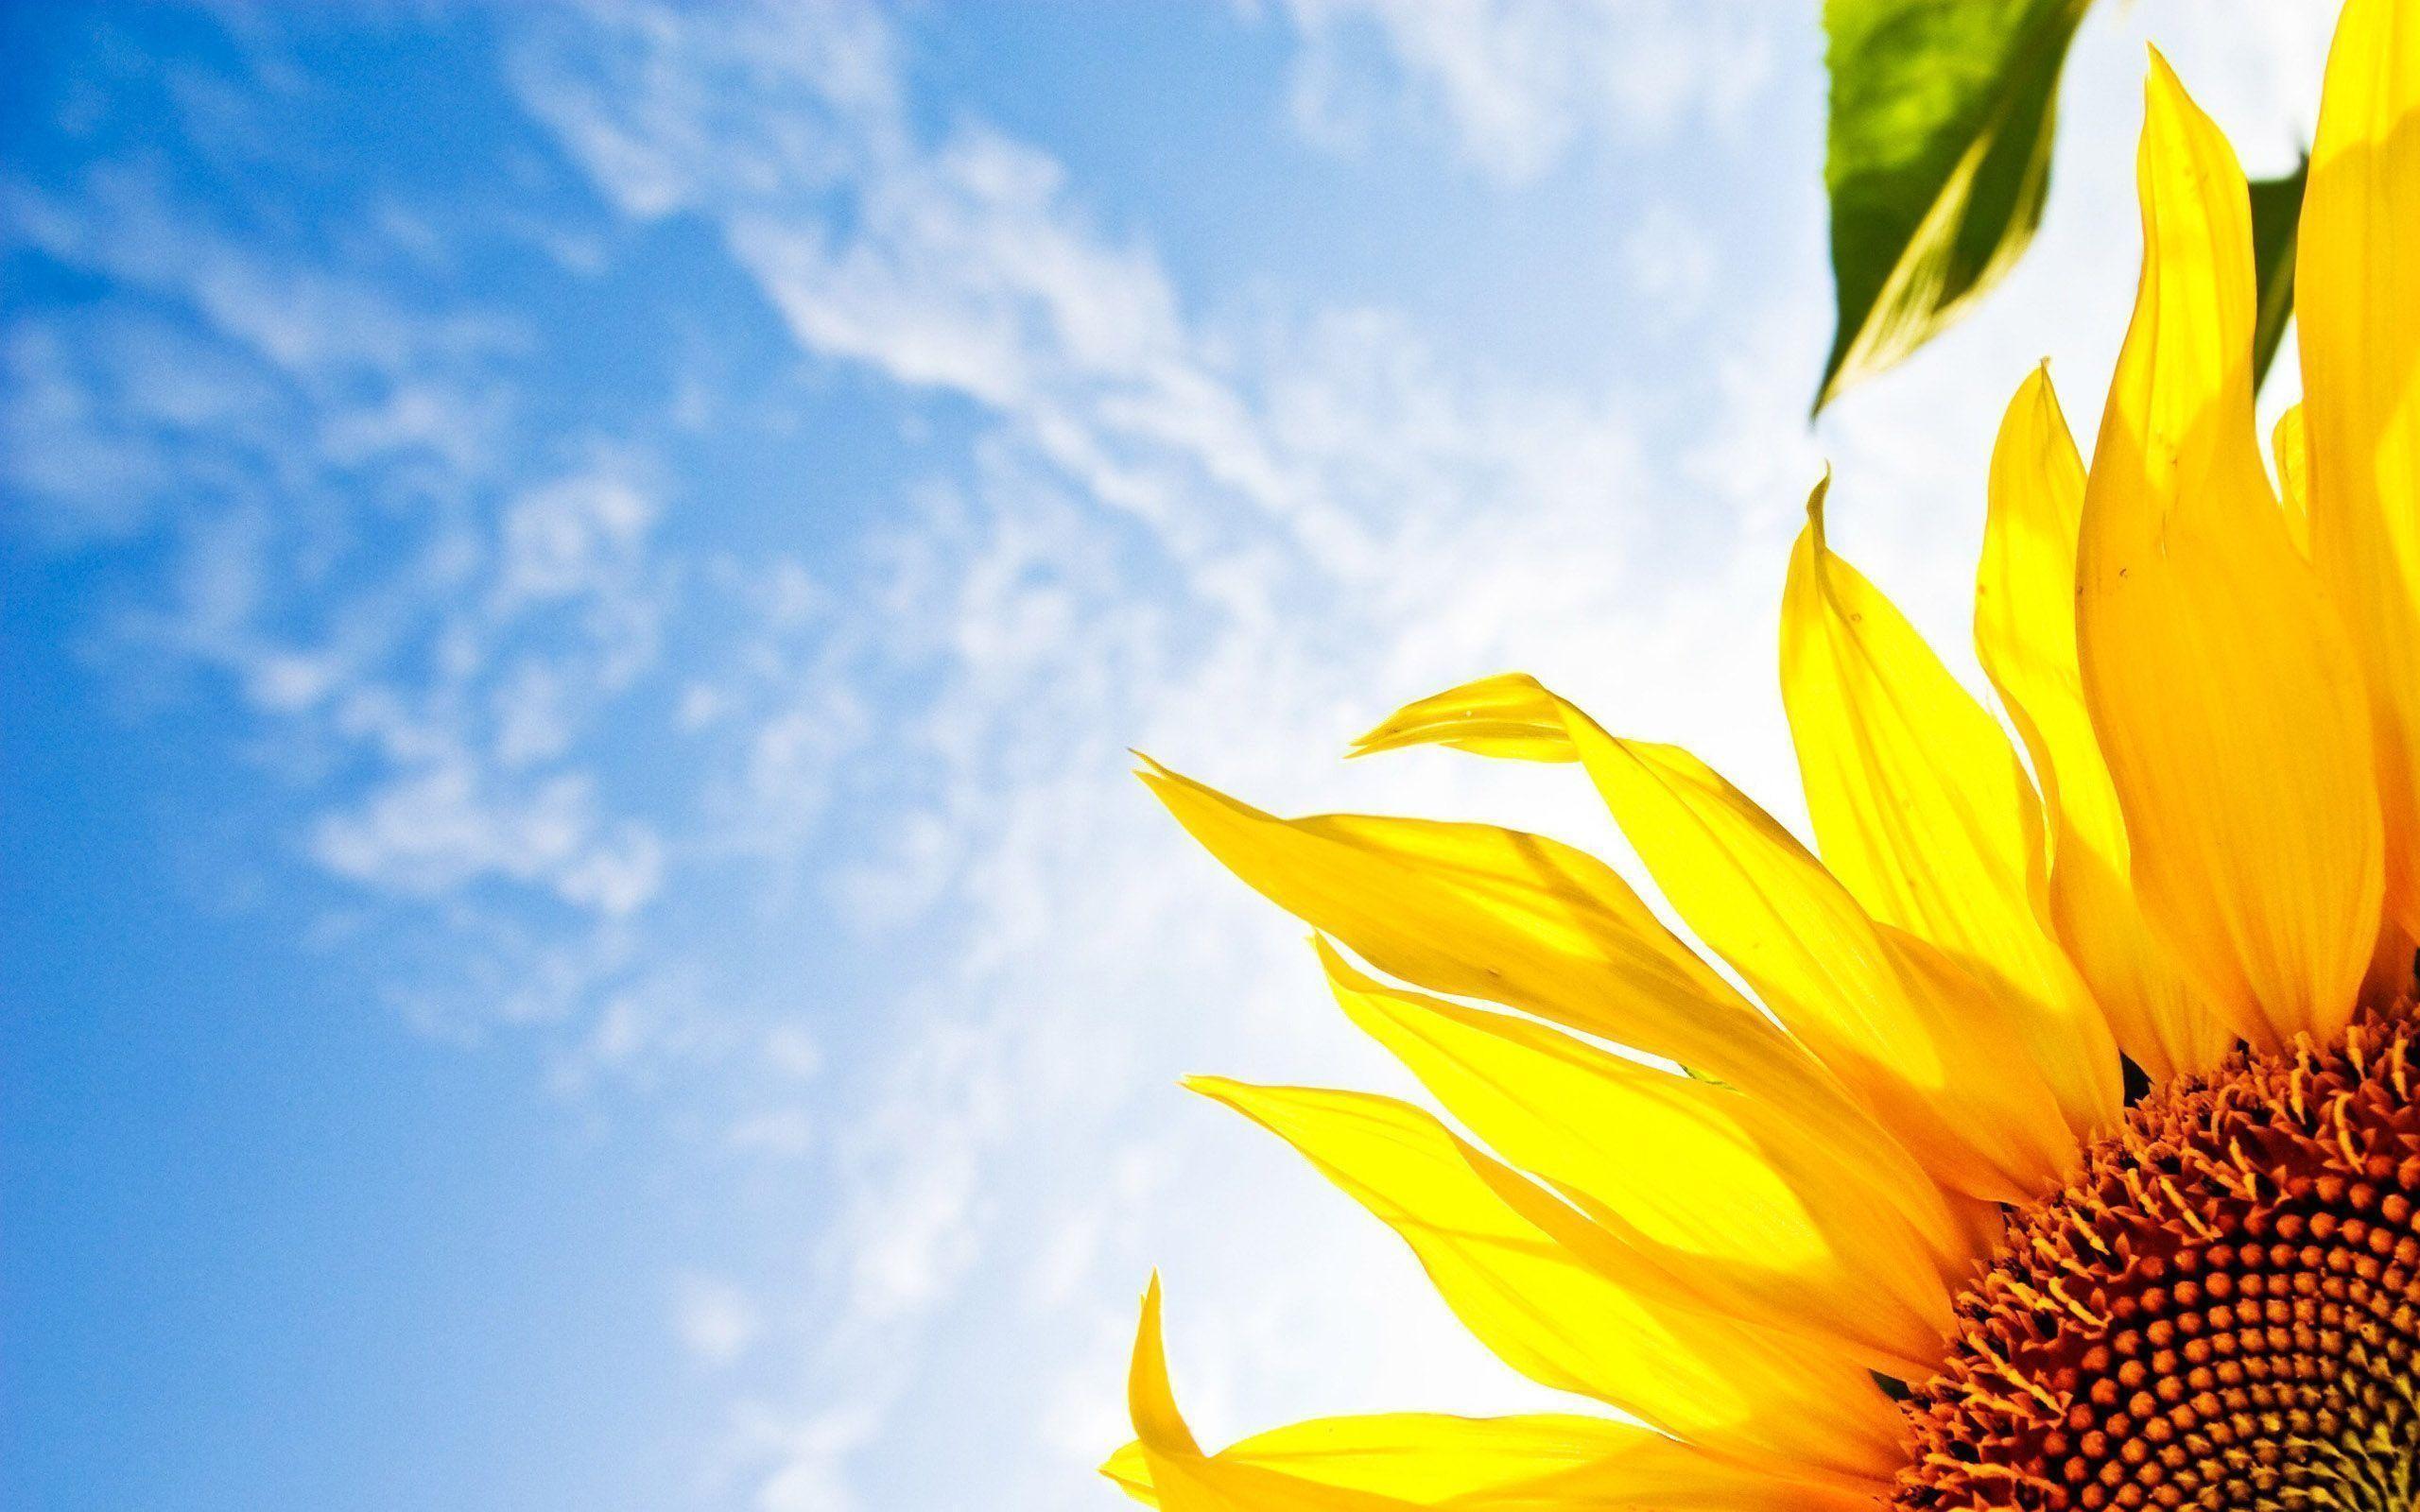 sunflower laptop background